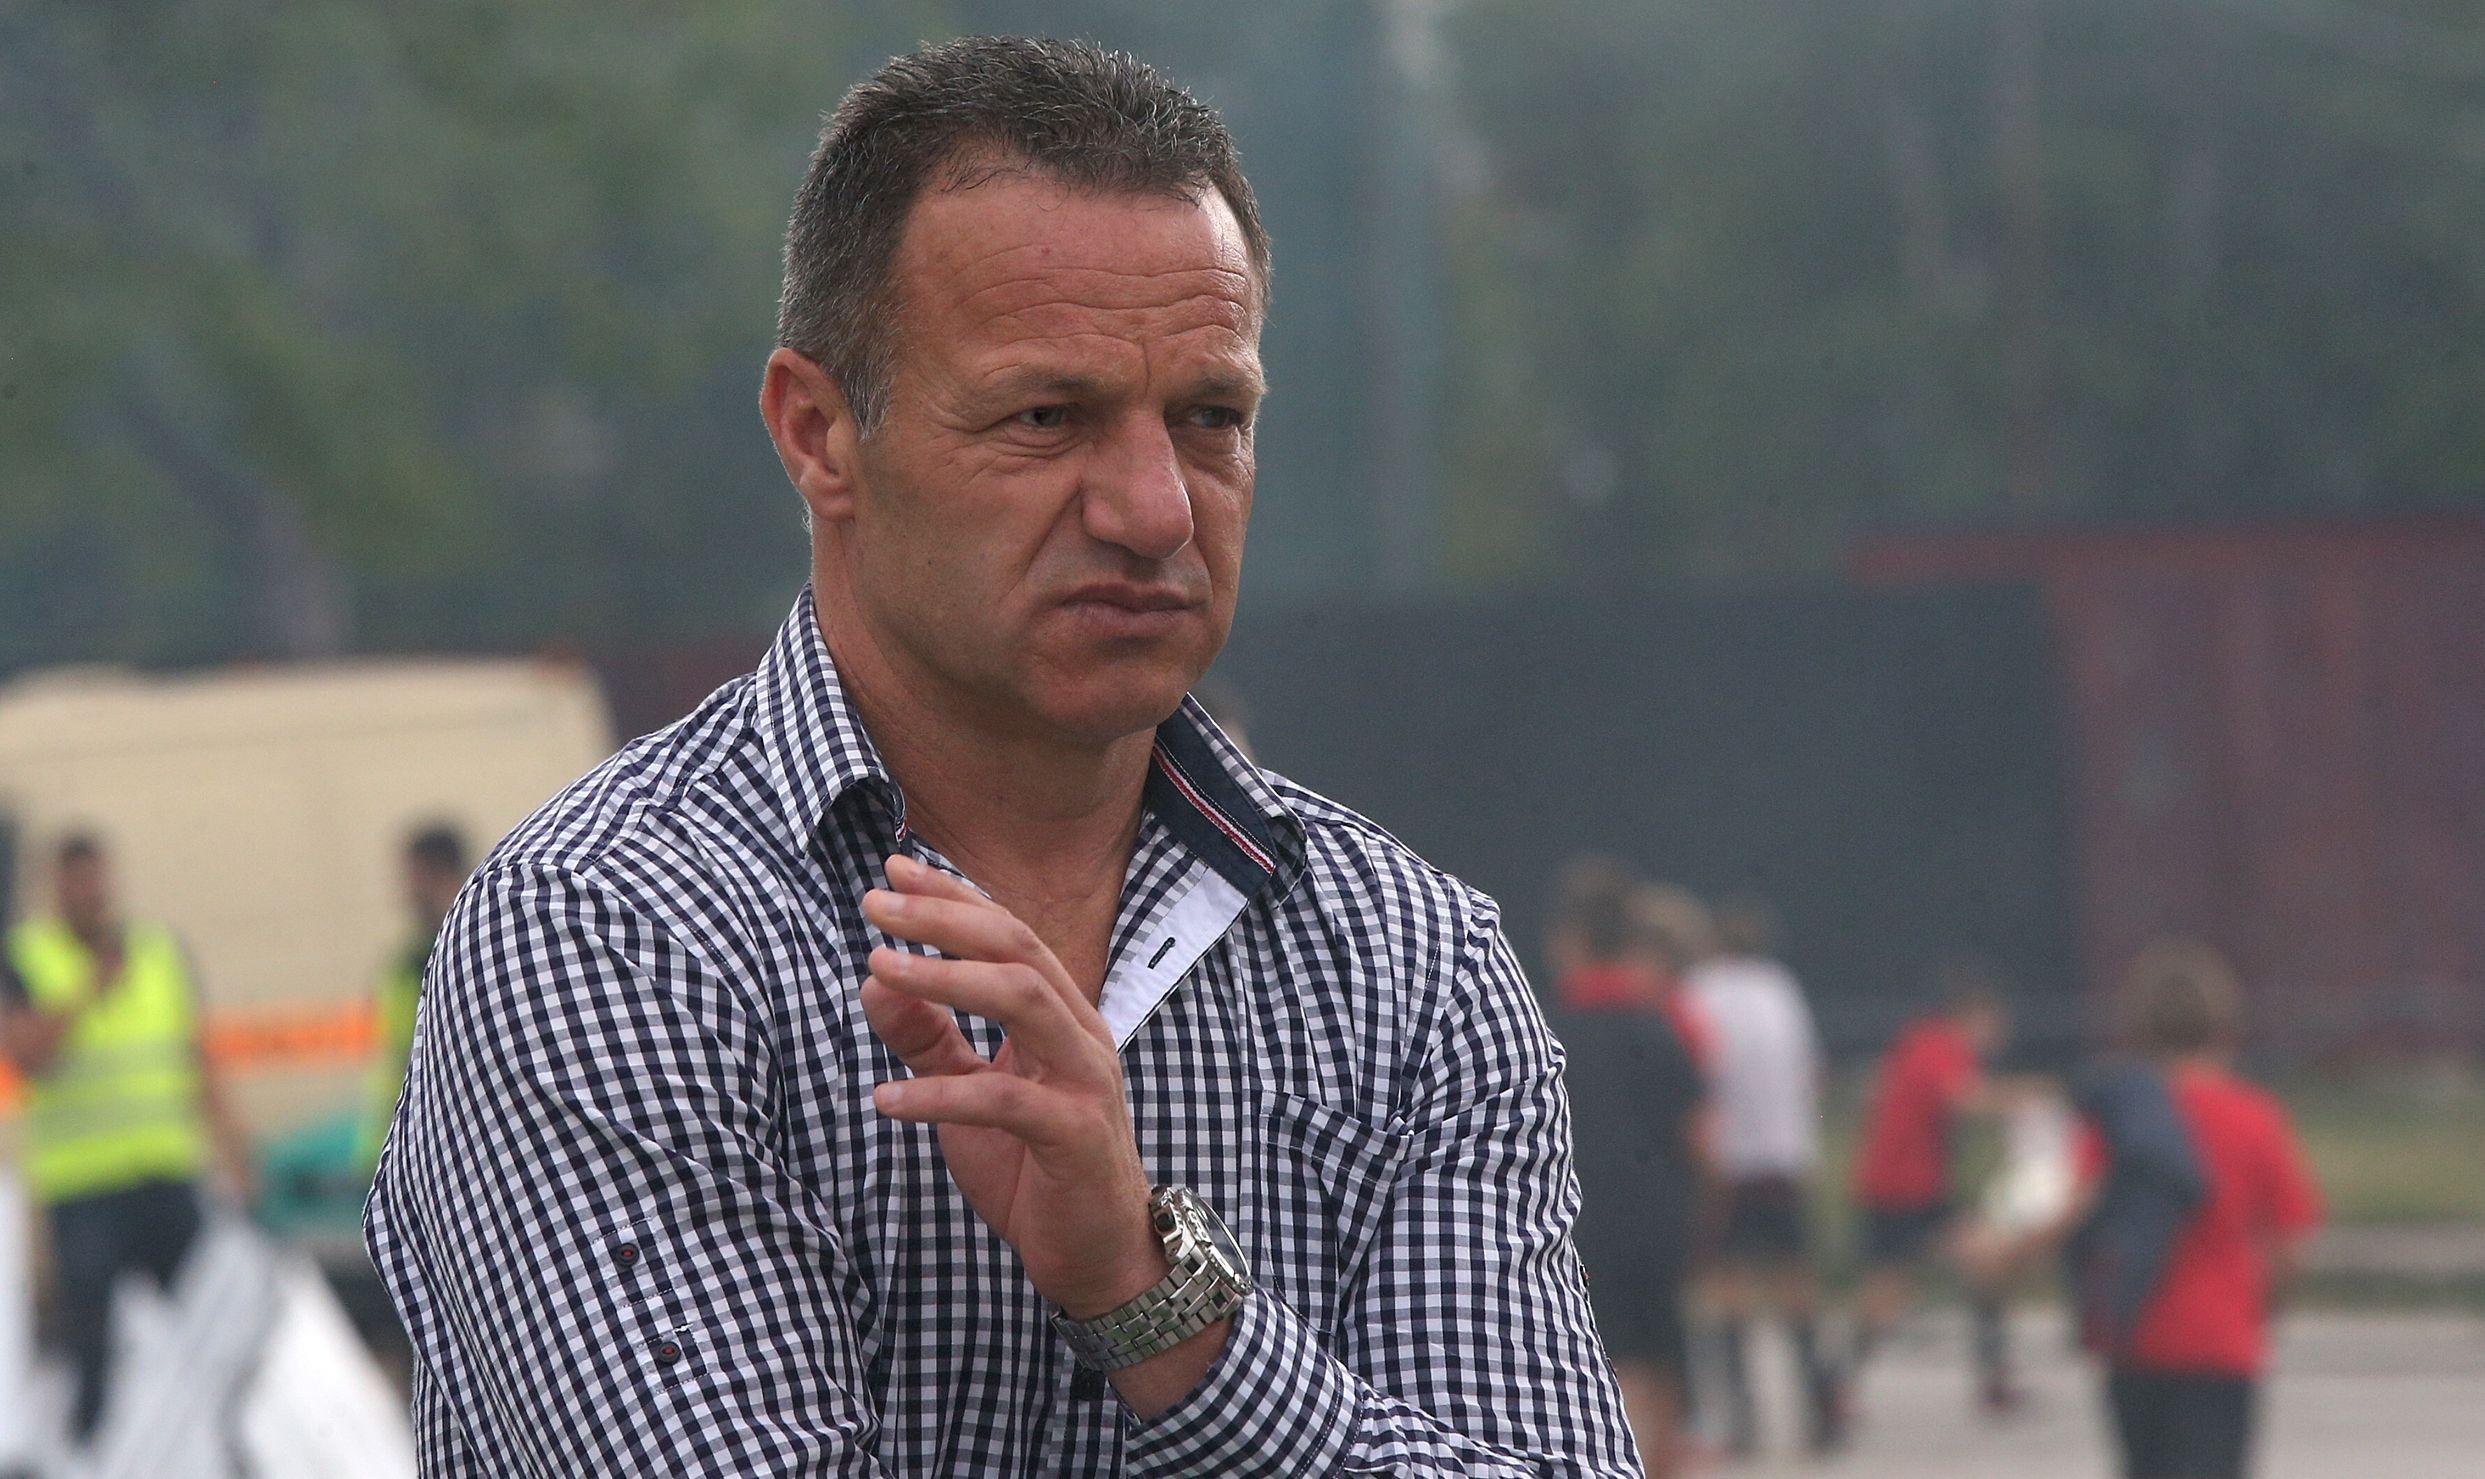 Треньорът на Локомотив (София) Младен Додич анонсира привличането на нов